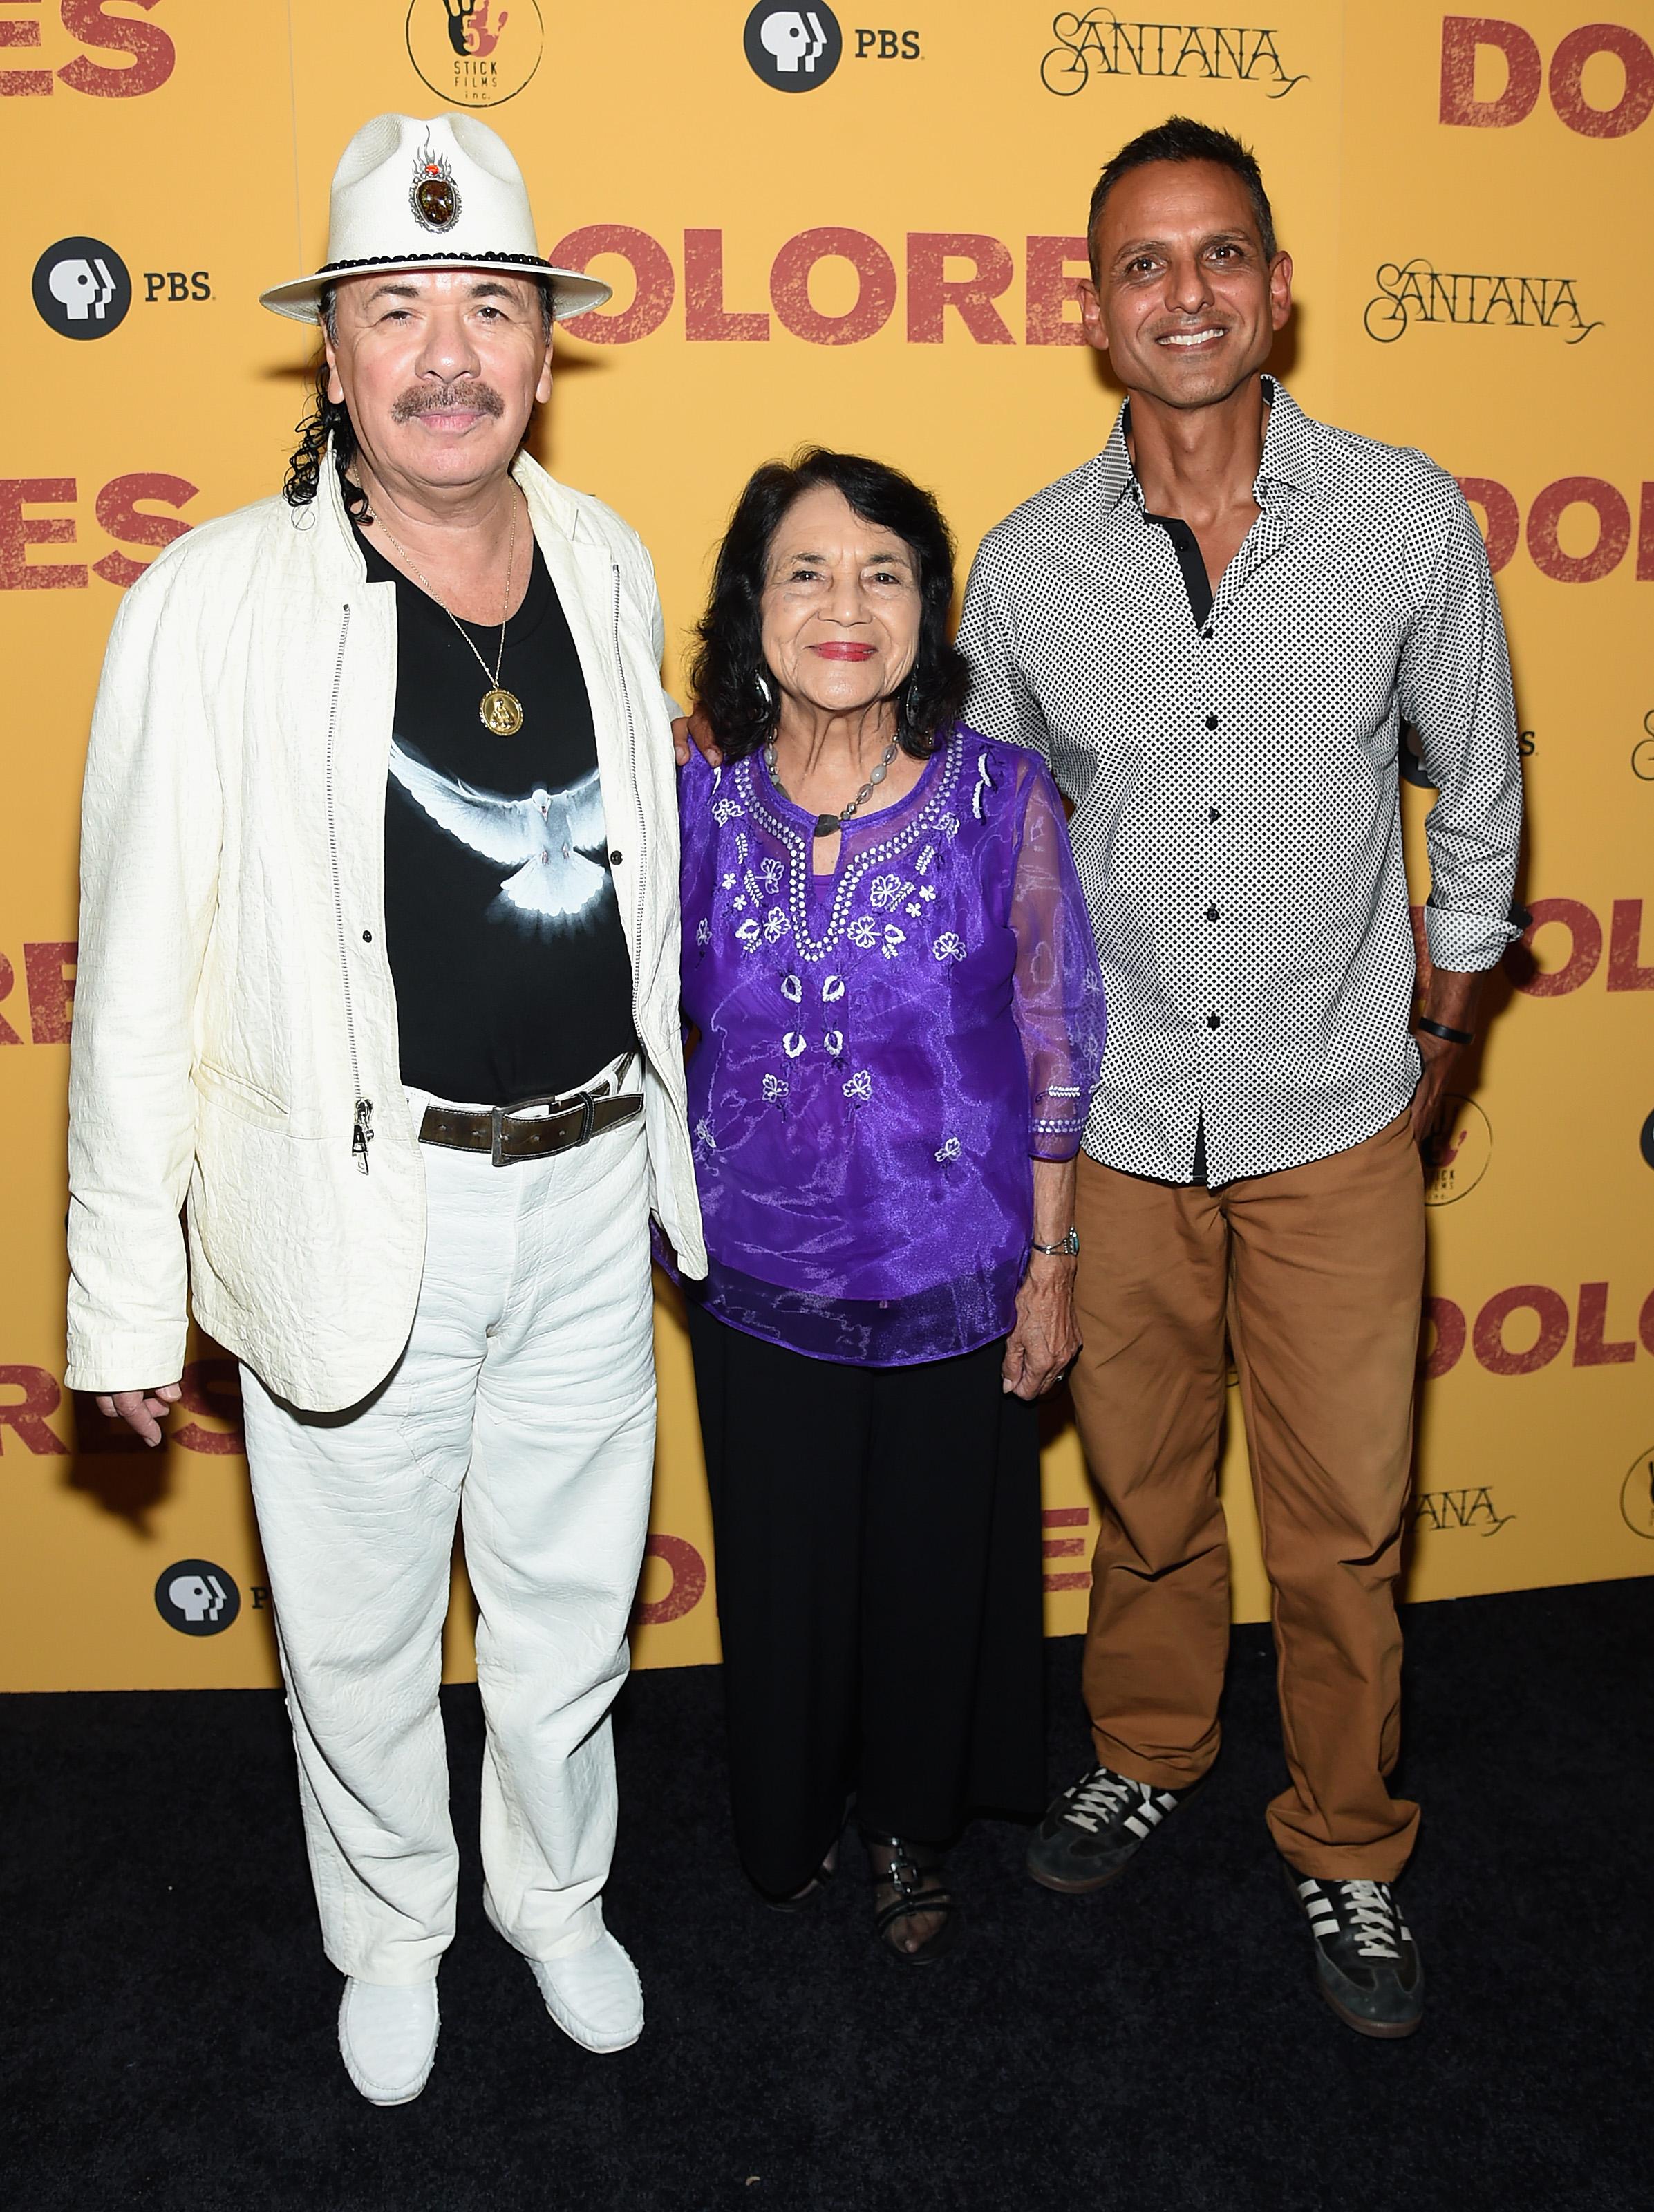 Carlos Santana, Dolores Huerta, Brian Bratt